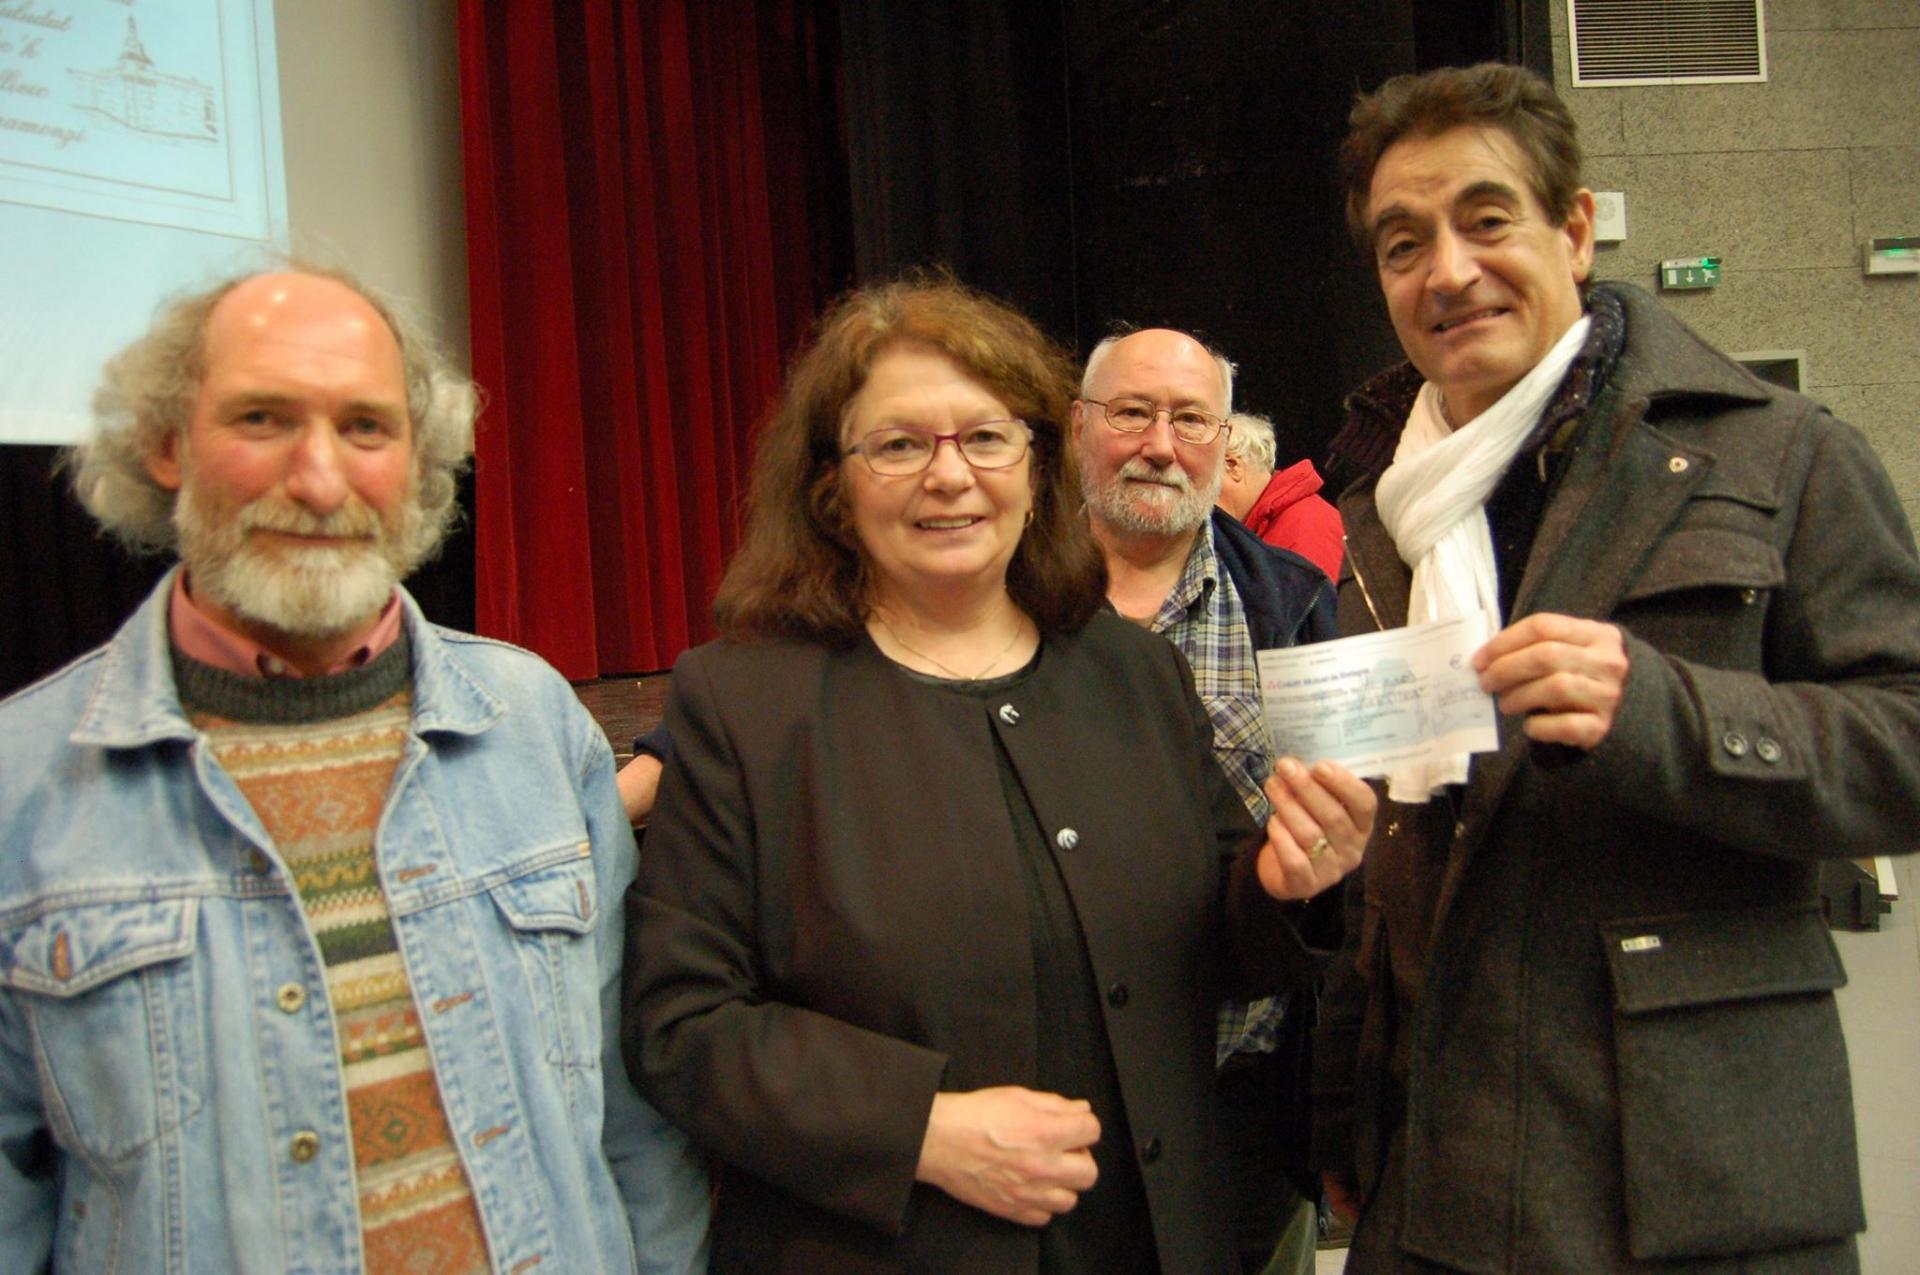 """Le Président des """"Amis du musée de la pêche"""" Dominique Régis remettant le chèque à la présidente de l'association """"Faire vivre le souvenir des oubliés de l'île Saint-Paul""""  en prés"""